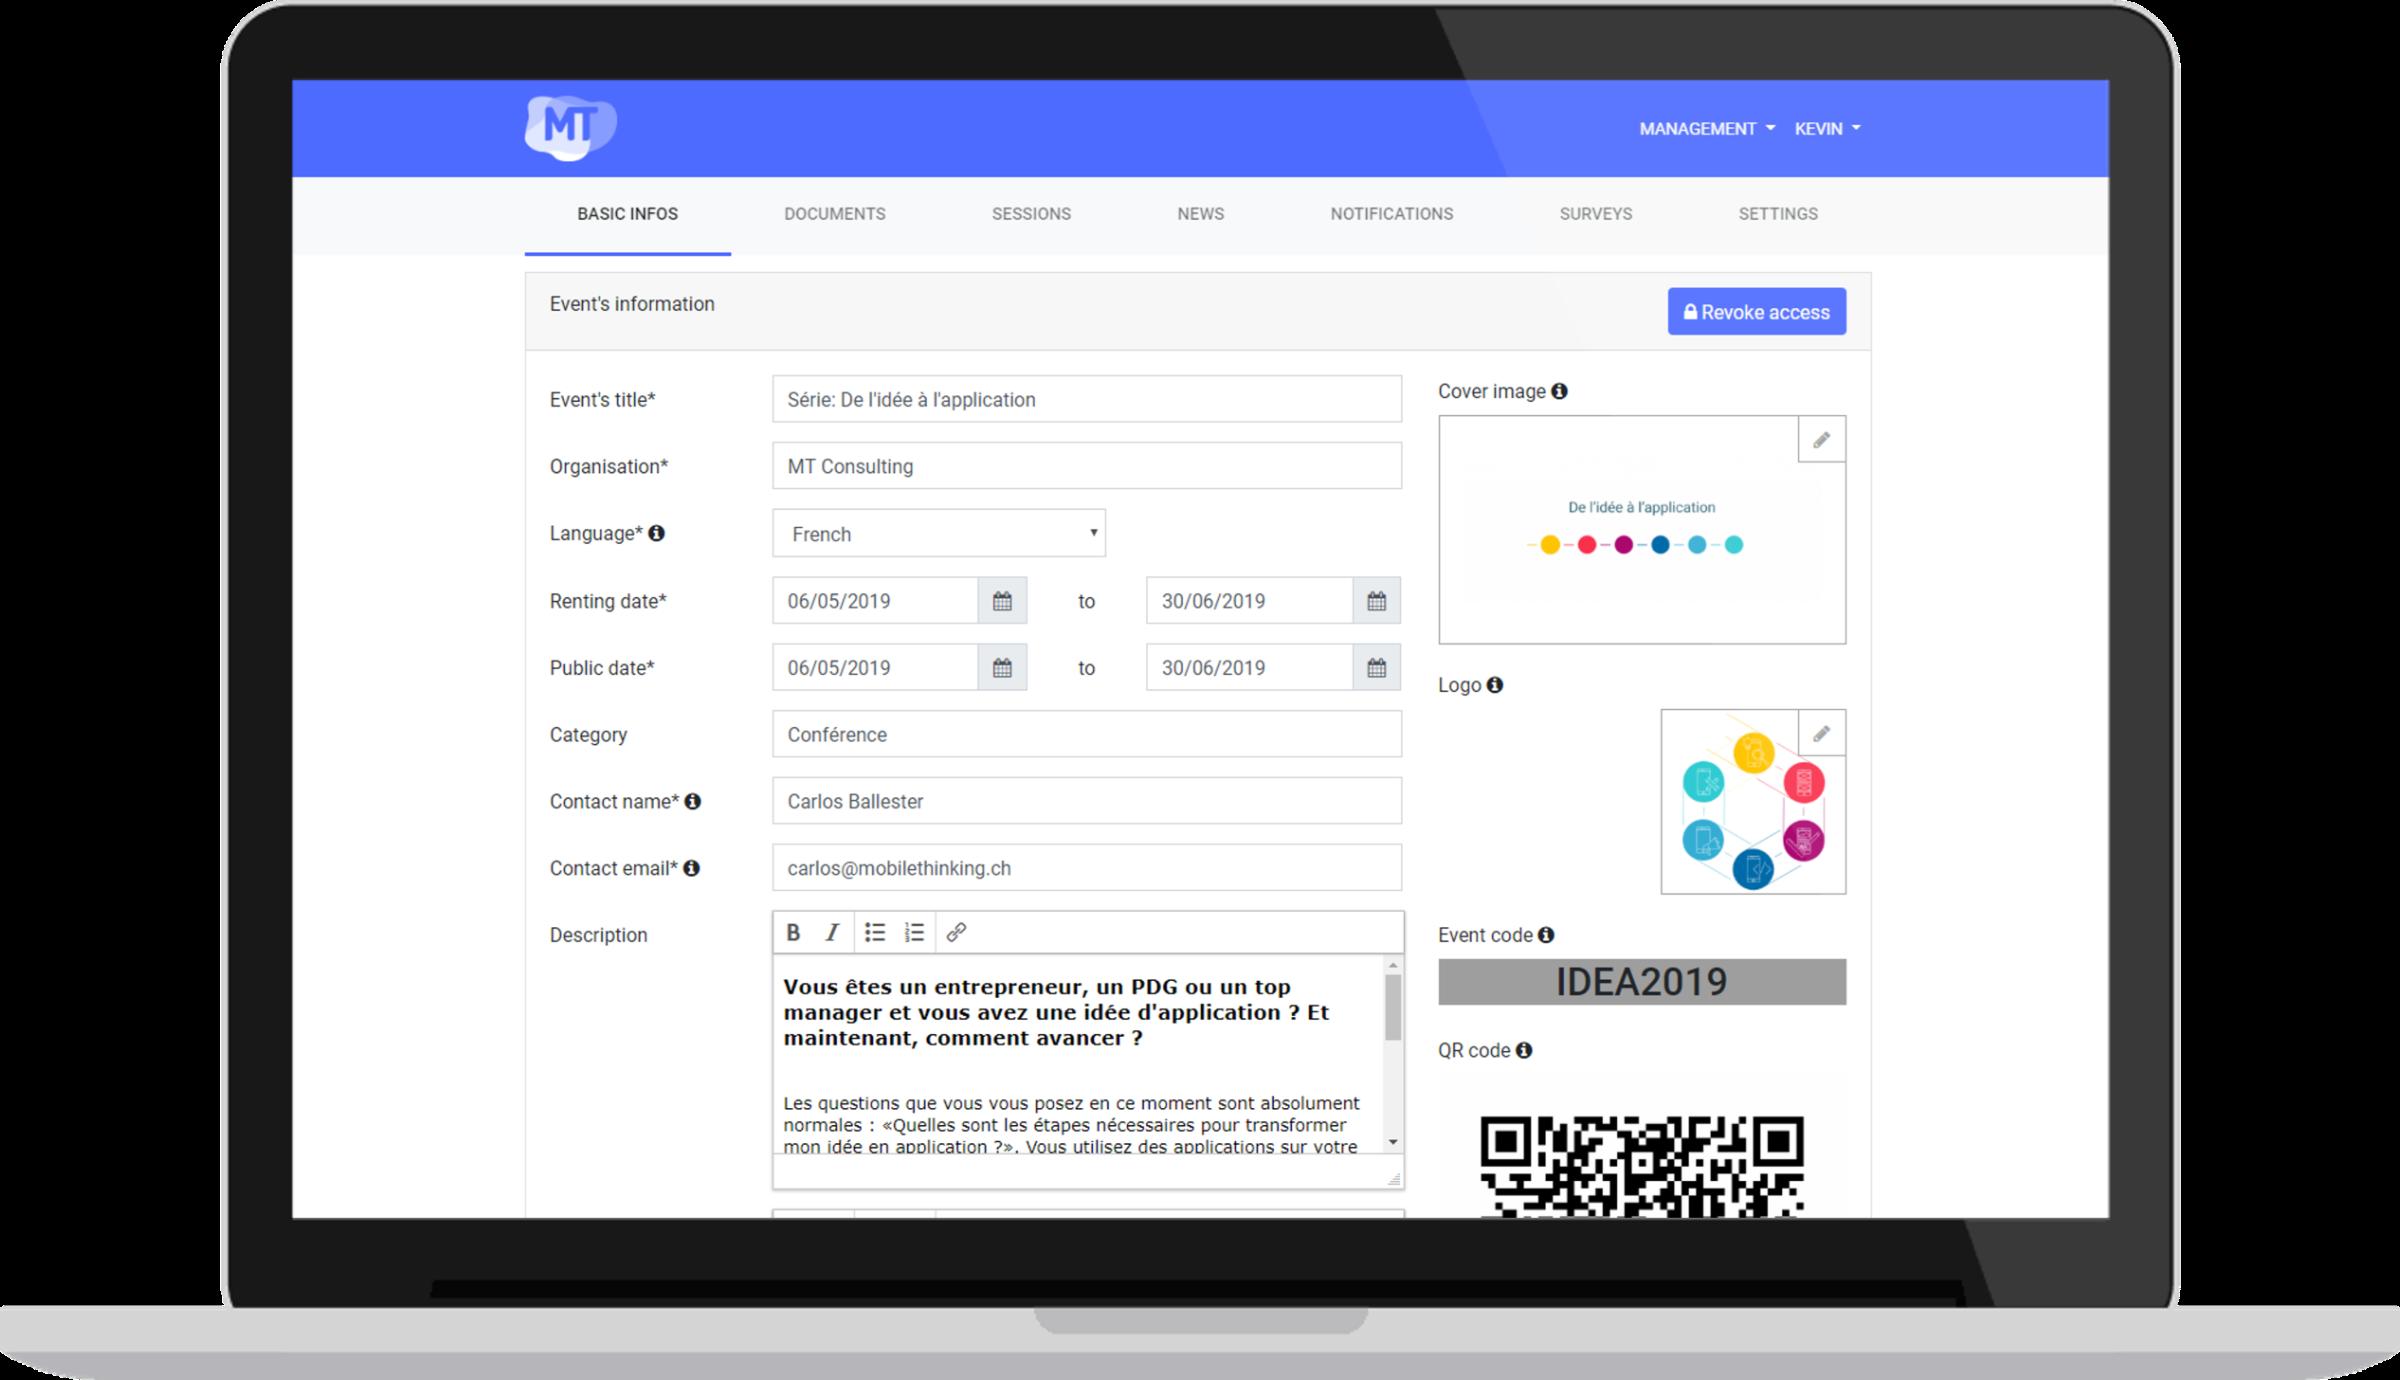 Détails événement - Un écosystème complet pour la gestion et diffusion de vos événements professionnels